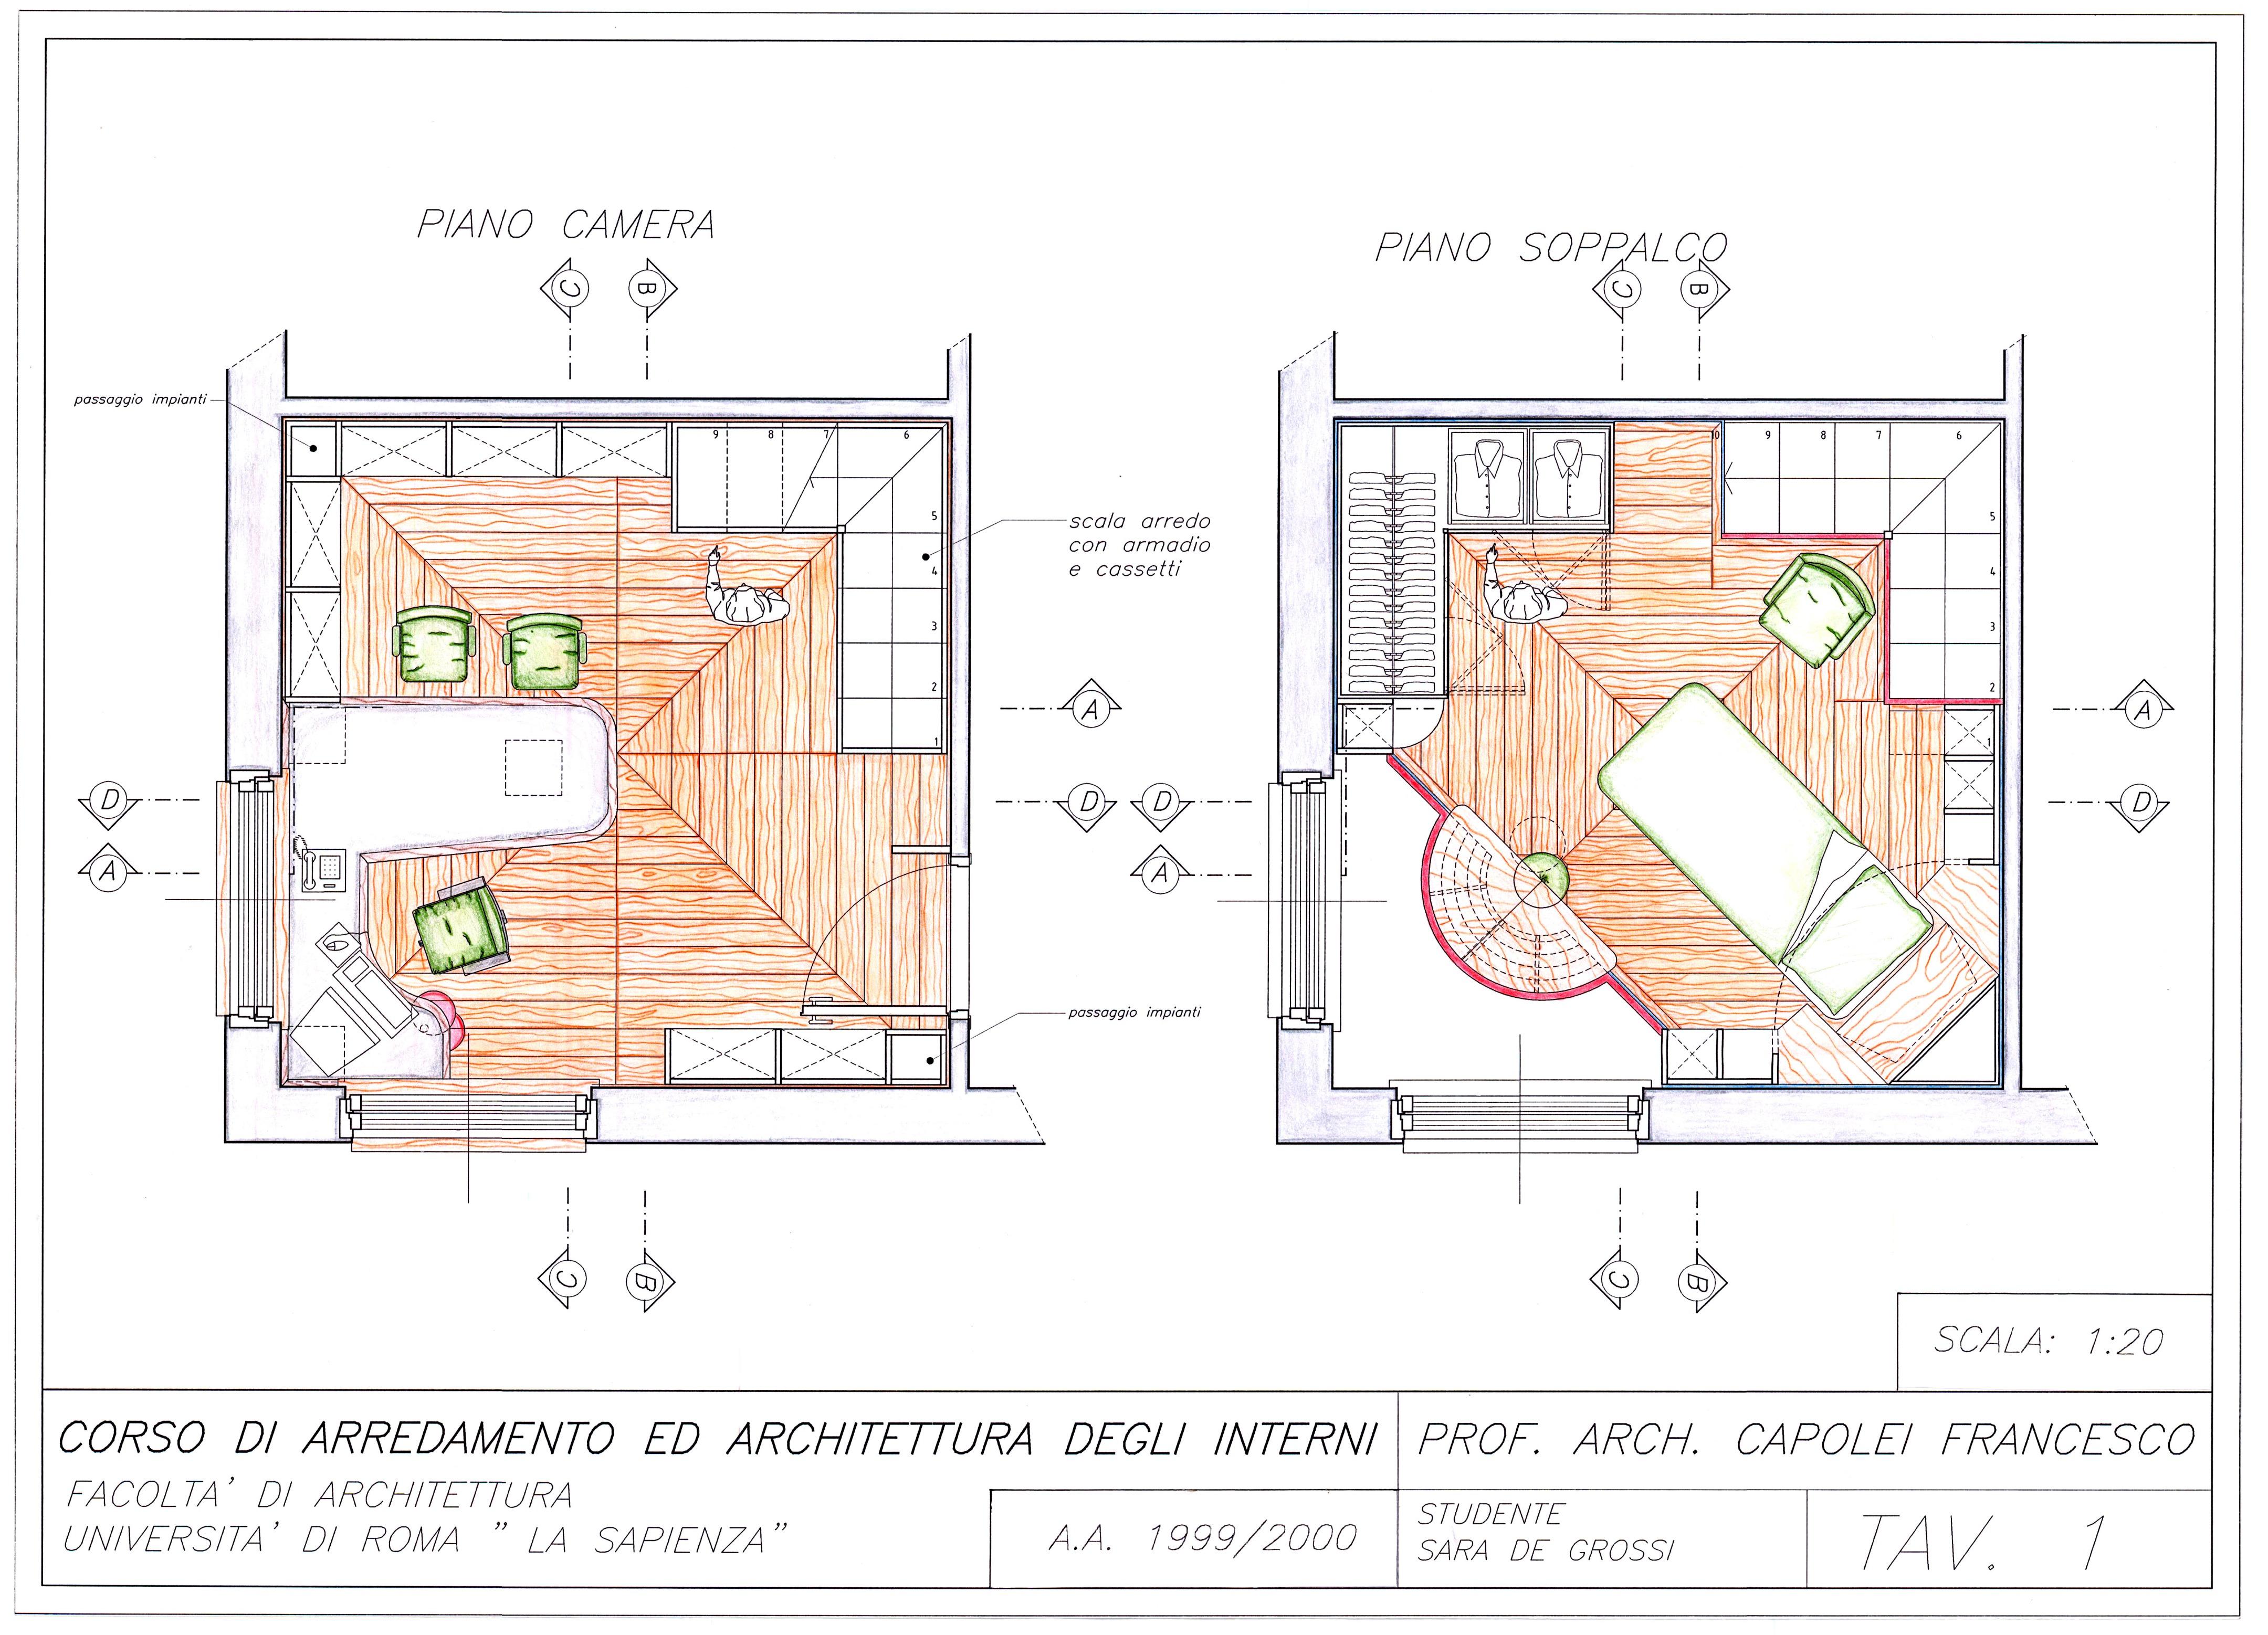 Siamo a roveleto di cadeo, piacenza 1999 Esame Di Arredamento Facolta Di Architettura Universita Di Roma La Sapienza Sara De Grossi